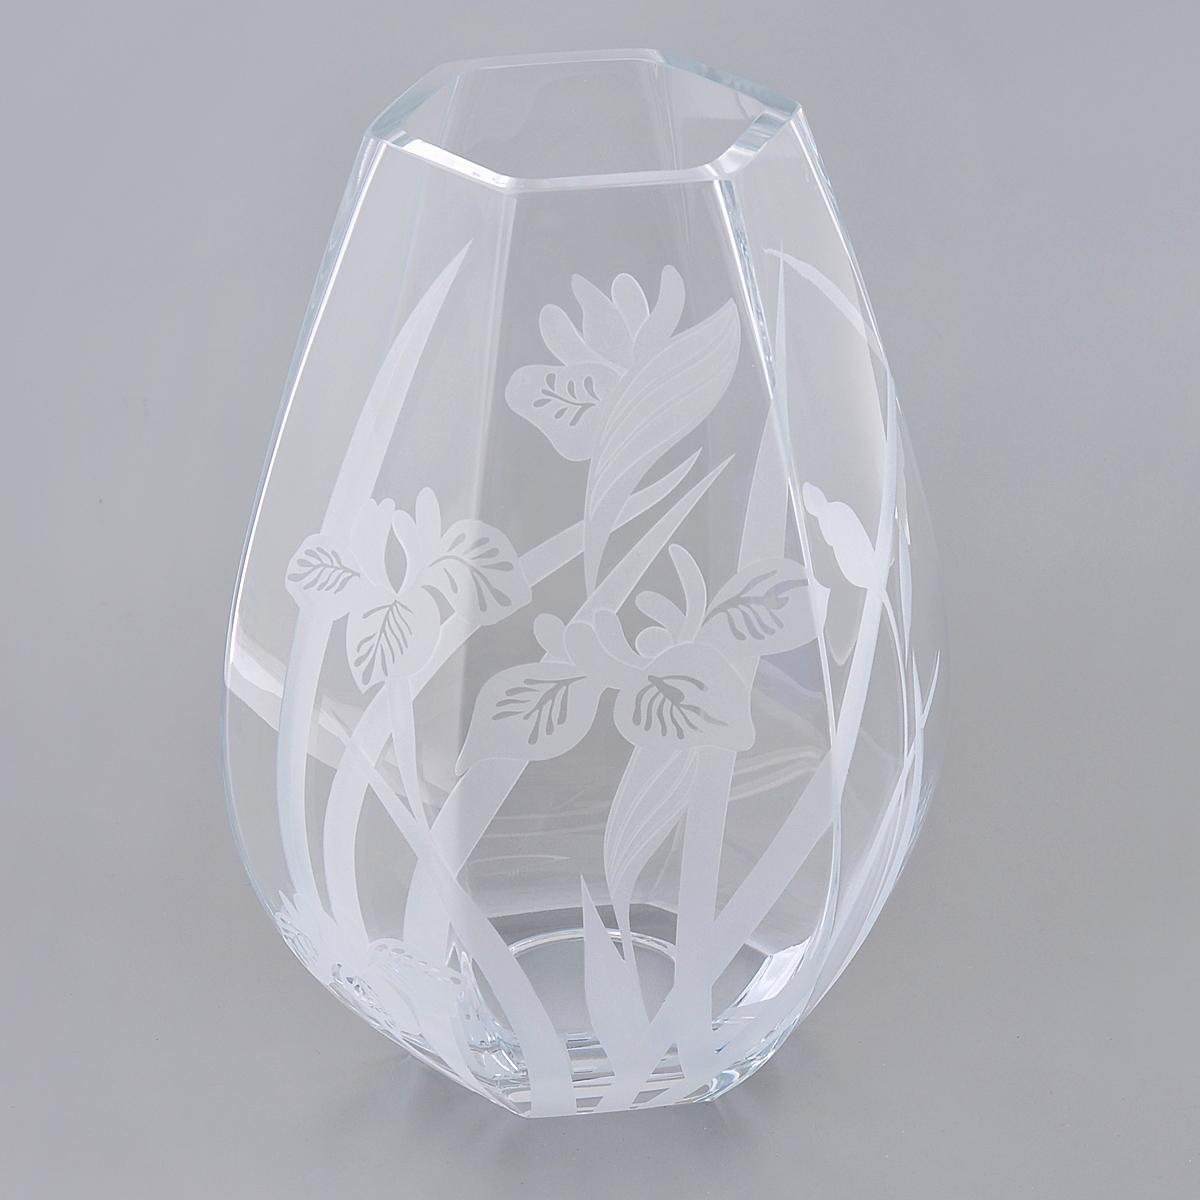 Ваза Deco Glass Ирисы, высота 25 смD04392/0250/E525ALВаза Deco Glass выполнена из прозрачного стекла с гравировкой в виде ирисов. Вы можете поставить вазу в любом месте, где она будет удачно смотреться и радовать глаз. Такая ваза прекрасно дополнит интерьер офиса или дома. Размер основания: 9,5 см х 8,5 см. Высота вазы: 25 см.